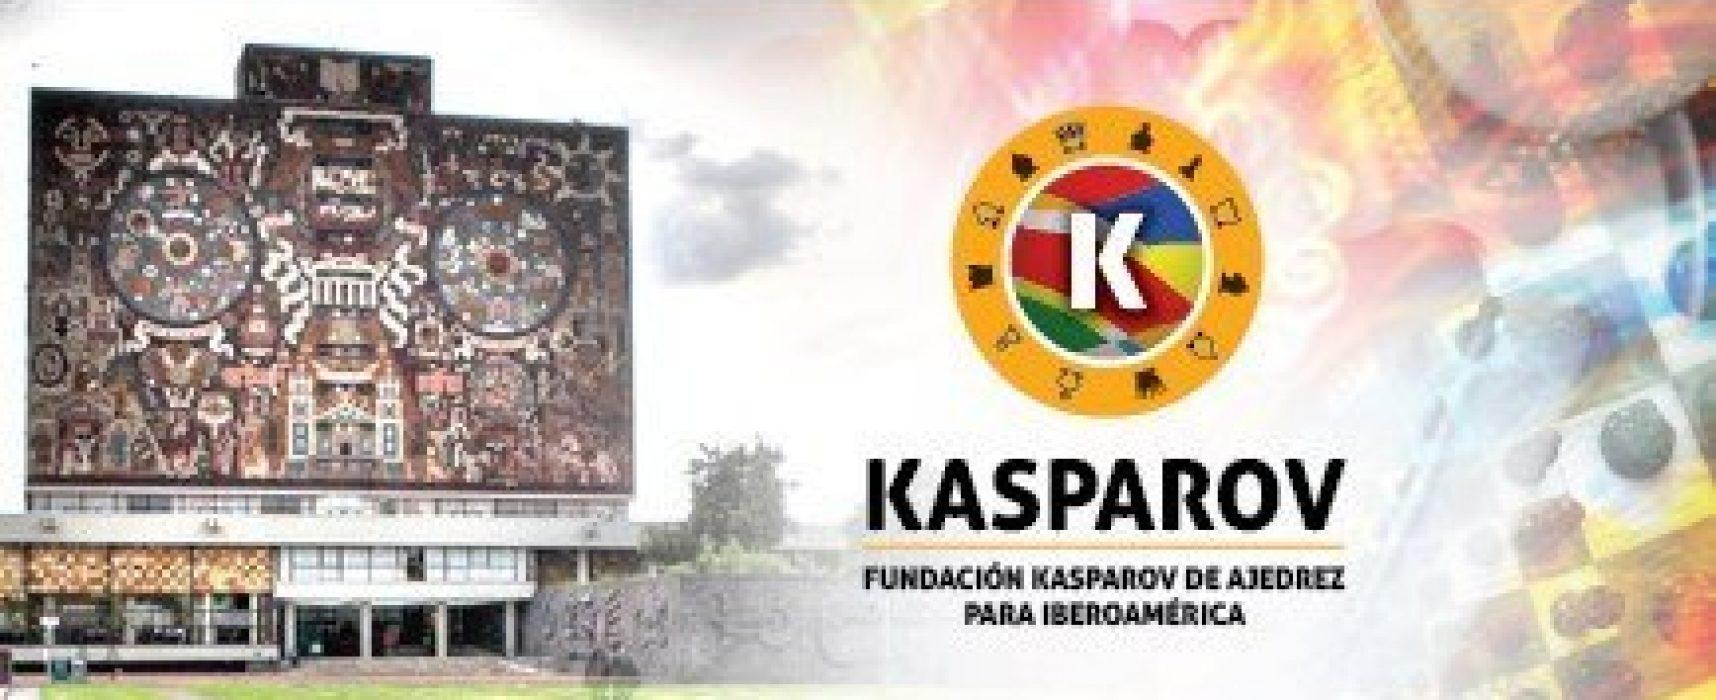 Manuel Azuaga, ponente de la Fundación Kasparov para Iberoamérica